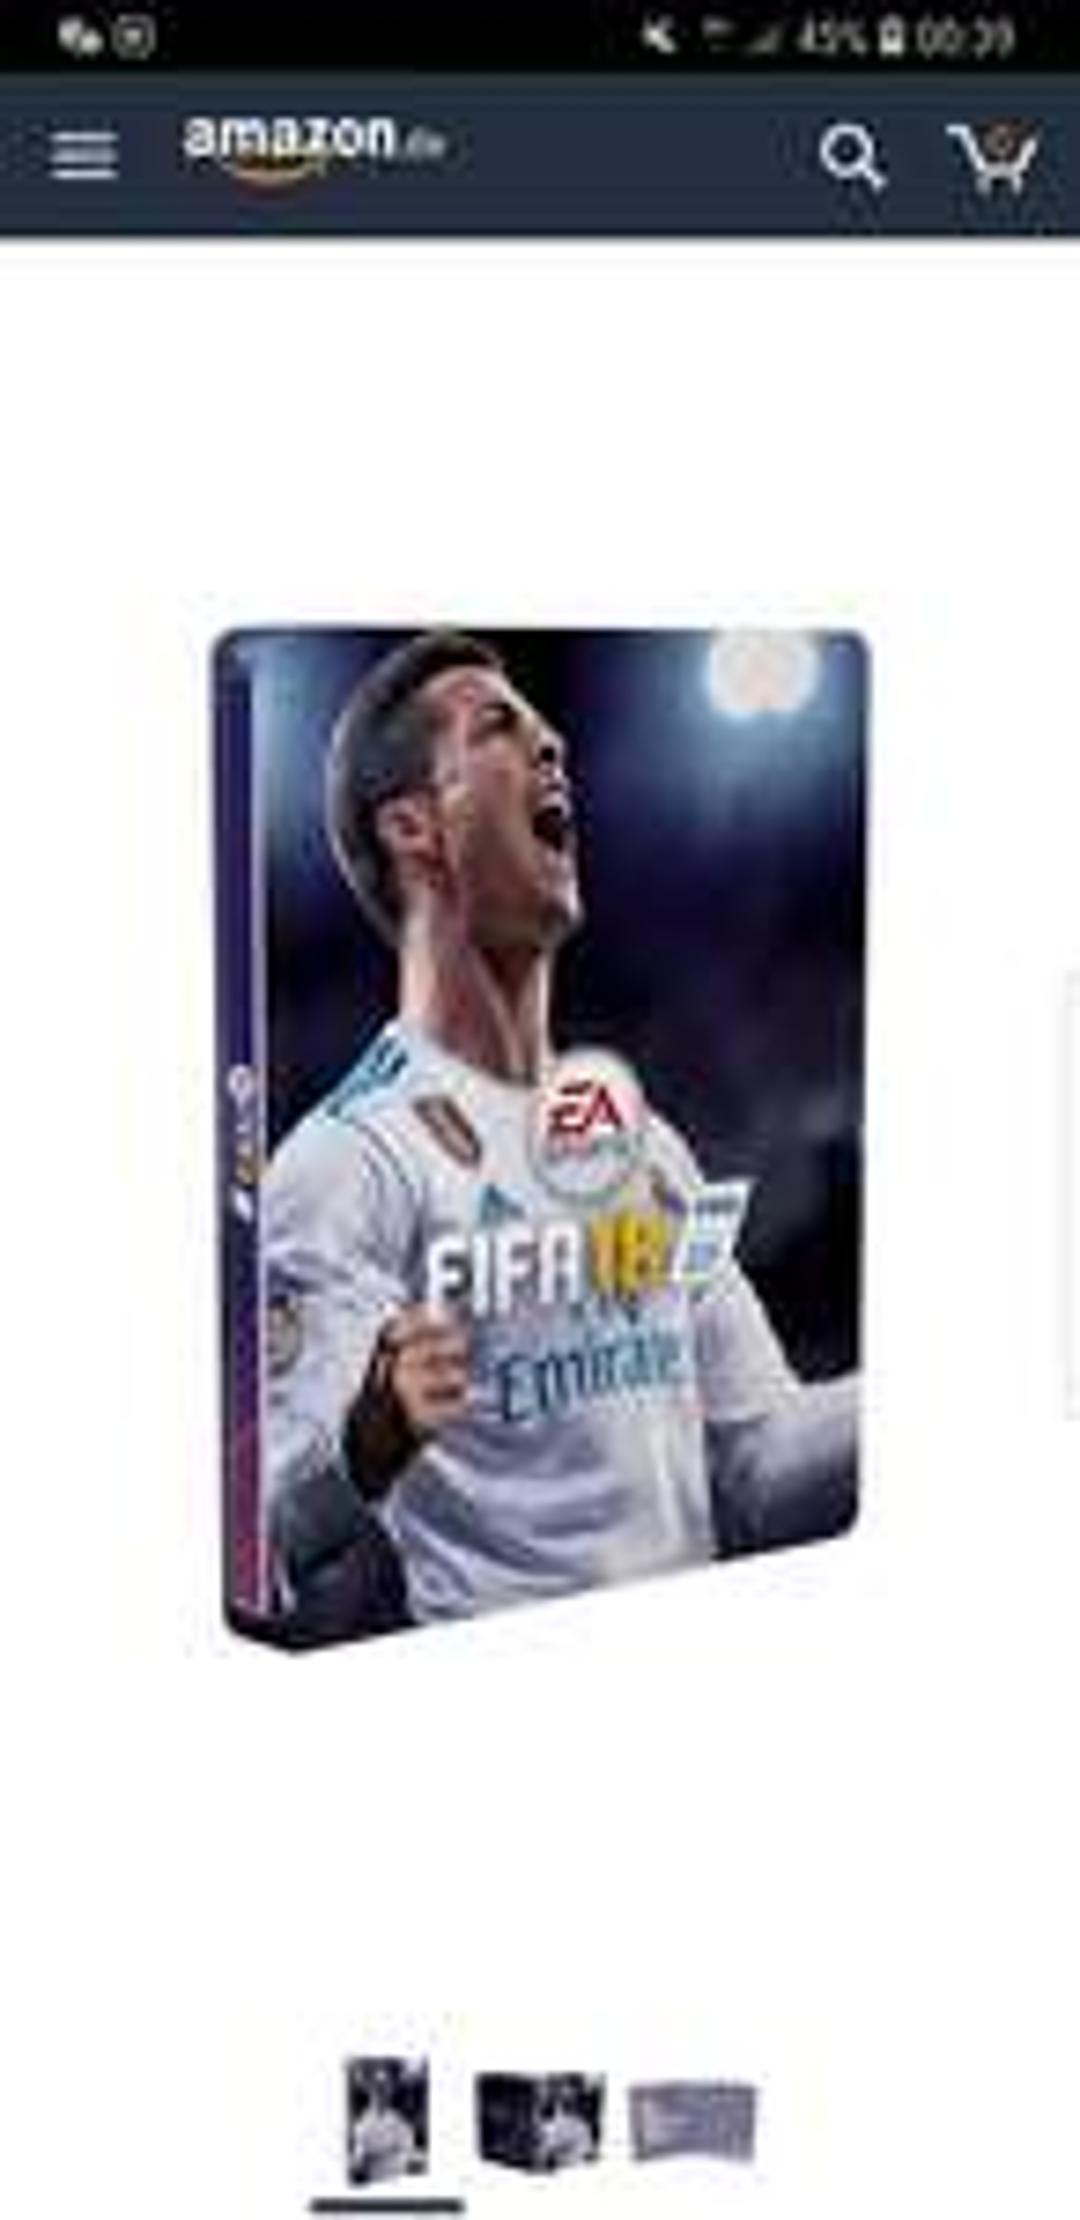 Fifa 18 Steelbook bei Amazon für 2.64 € für Sammler